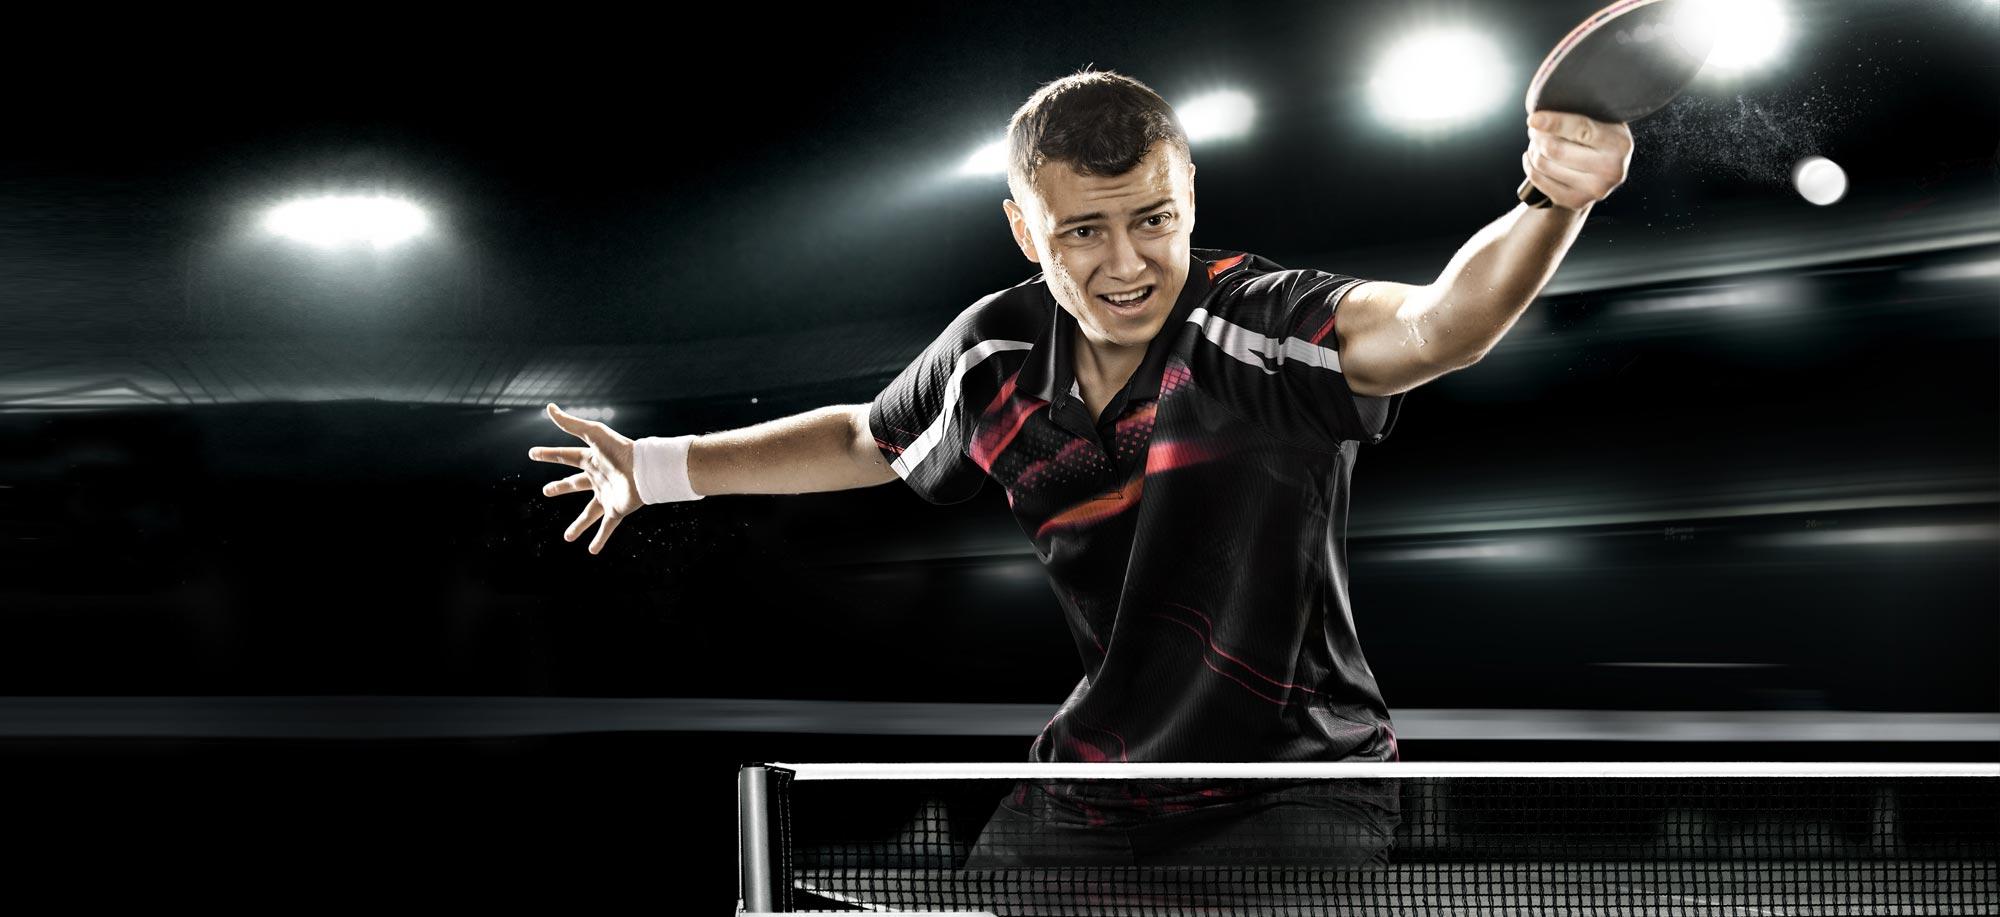 Tennis de table protec sport quipements sports et loisirs street workout - Wake sport tennis de table ...